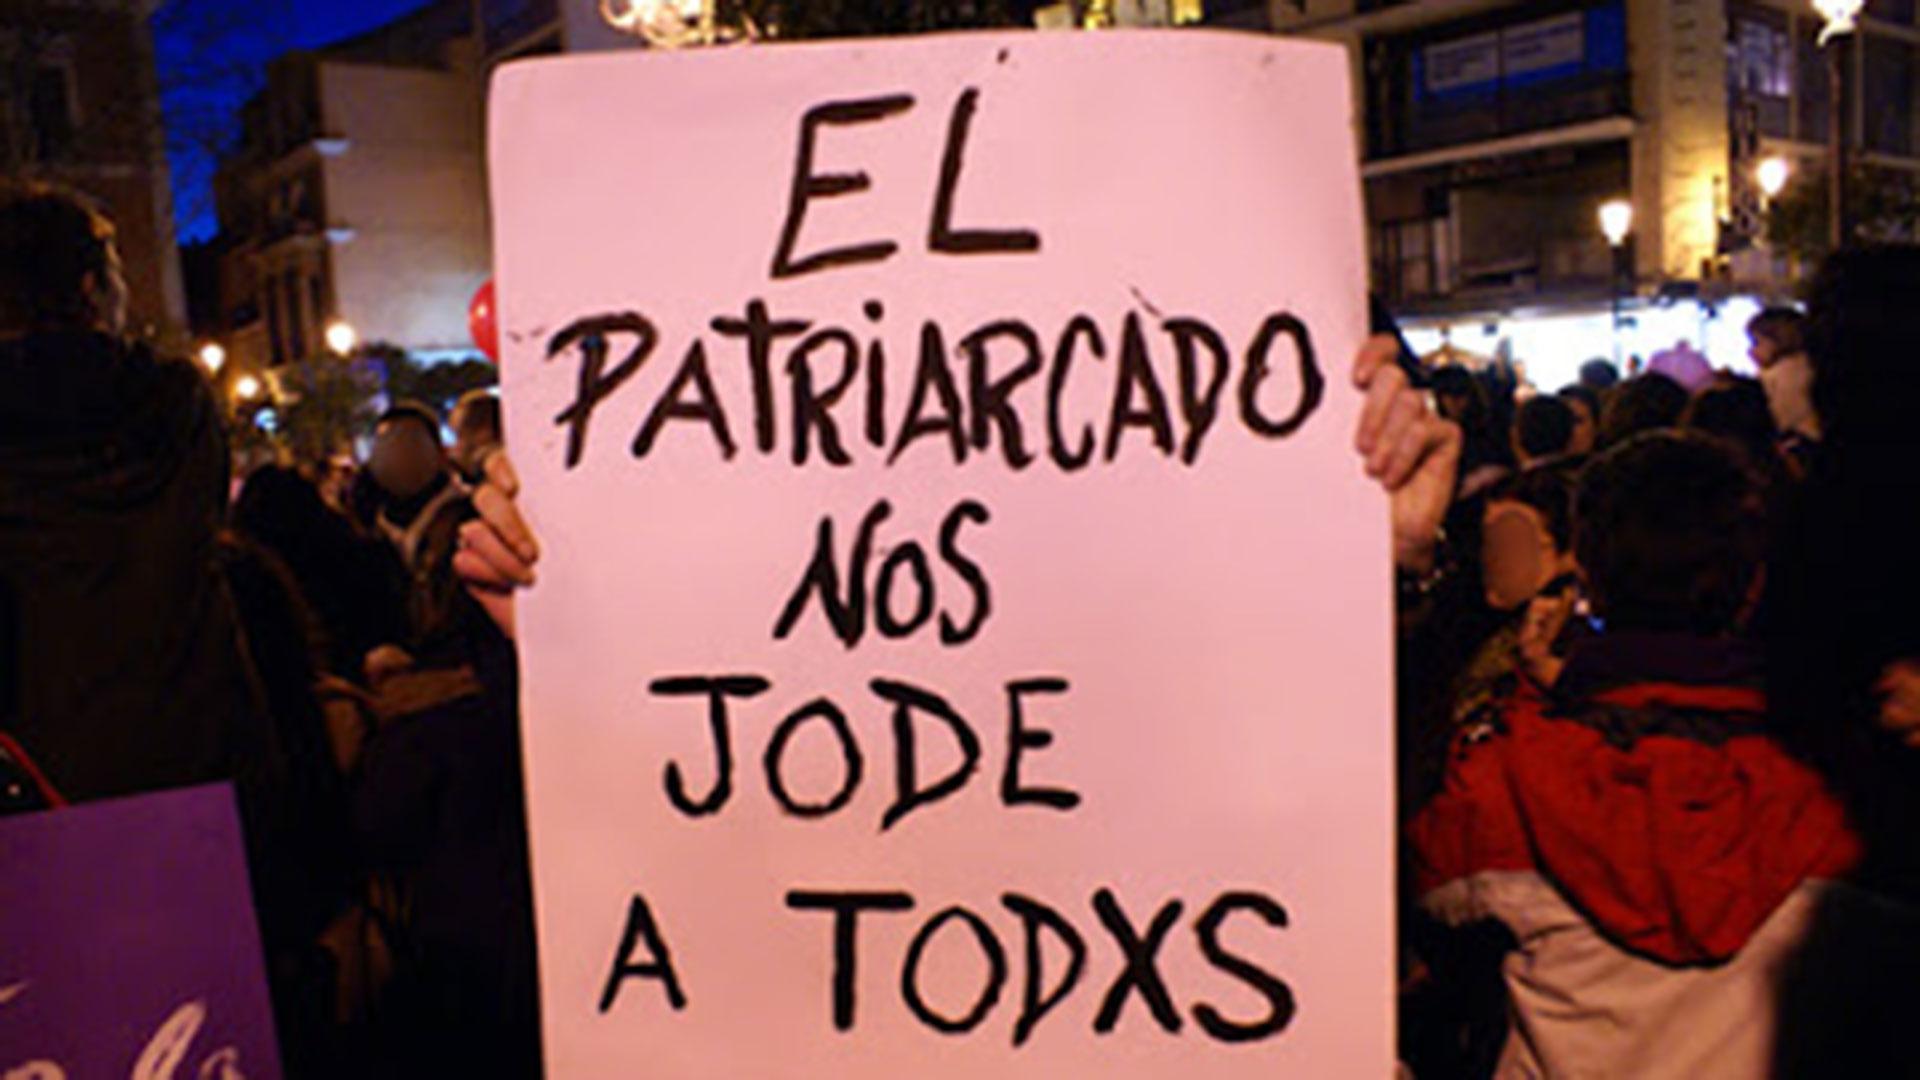 """""""El patriarcado nos jode a todxs"""""""